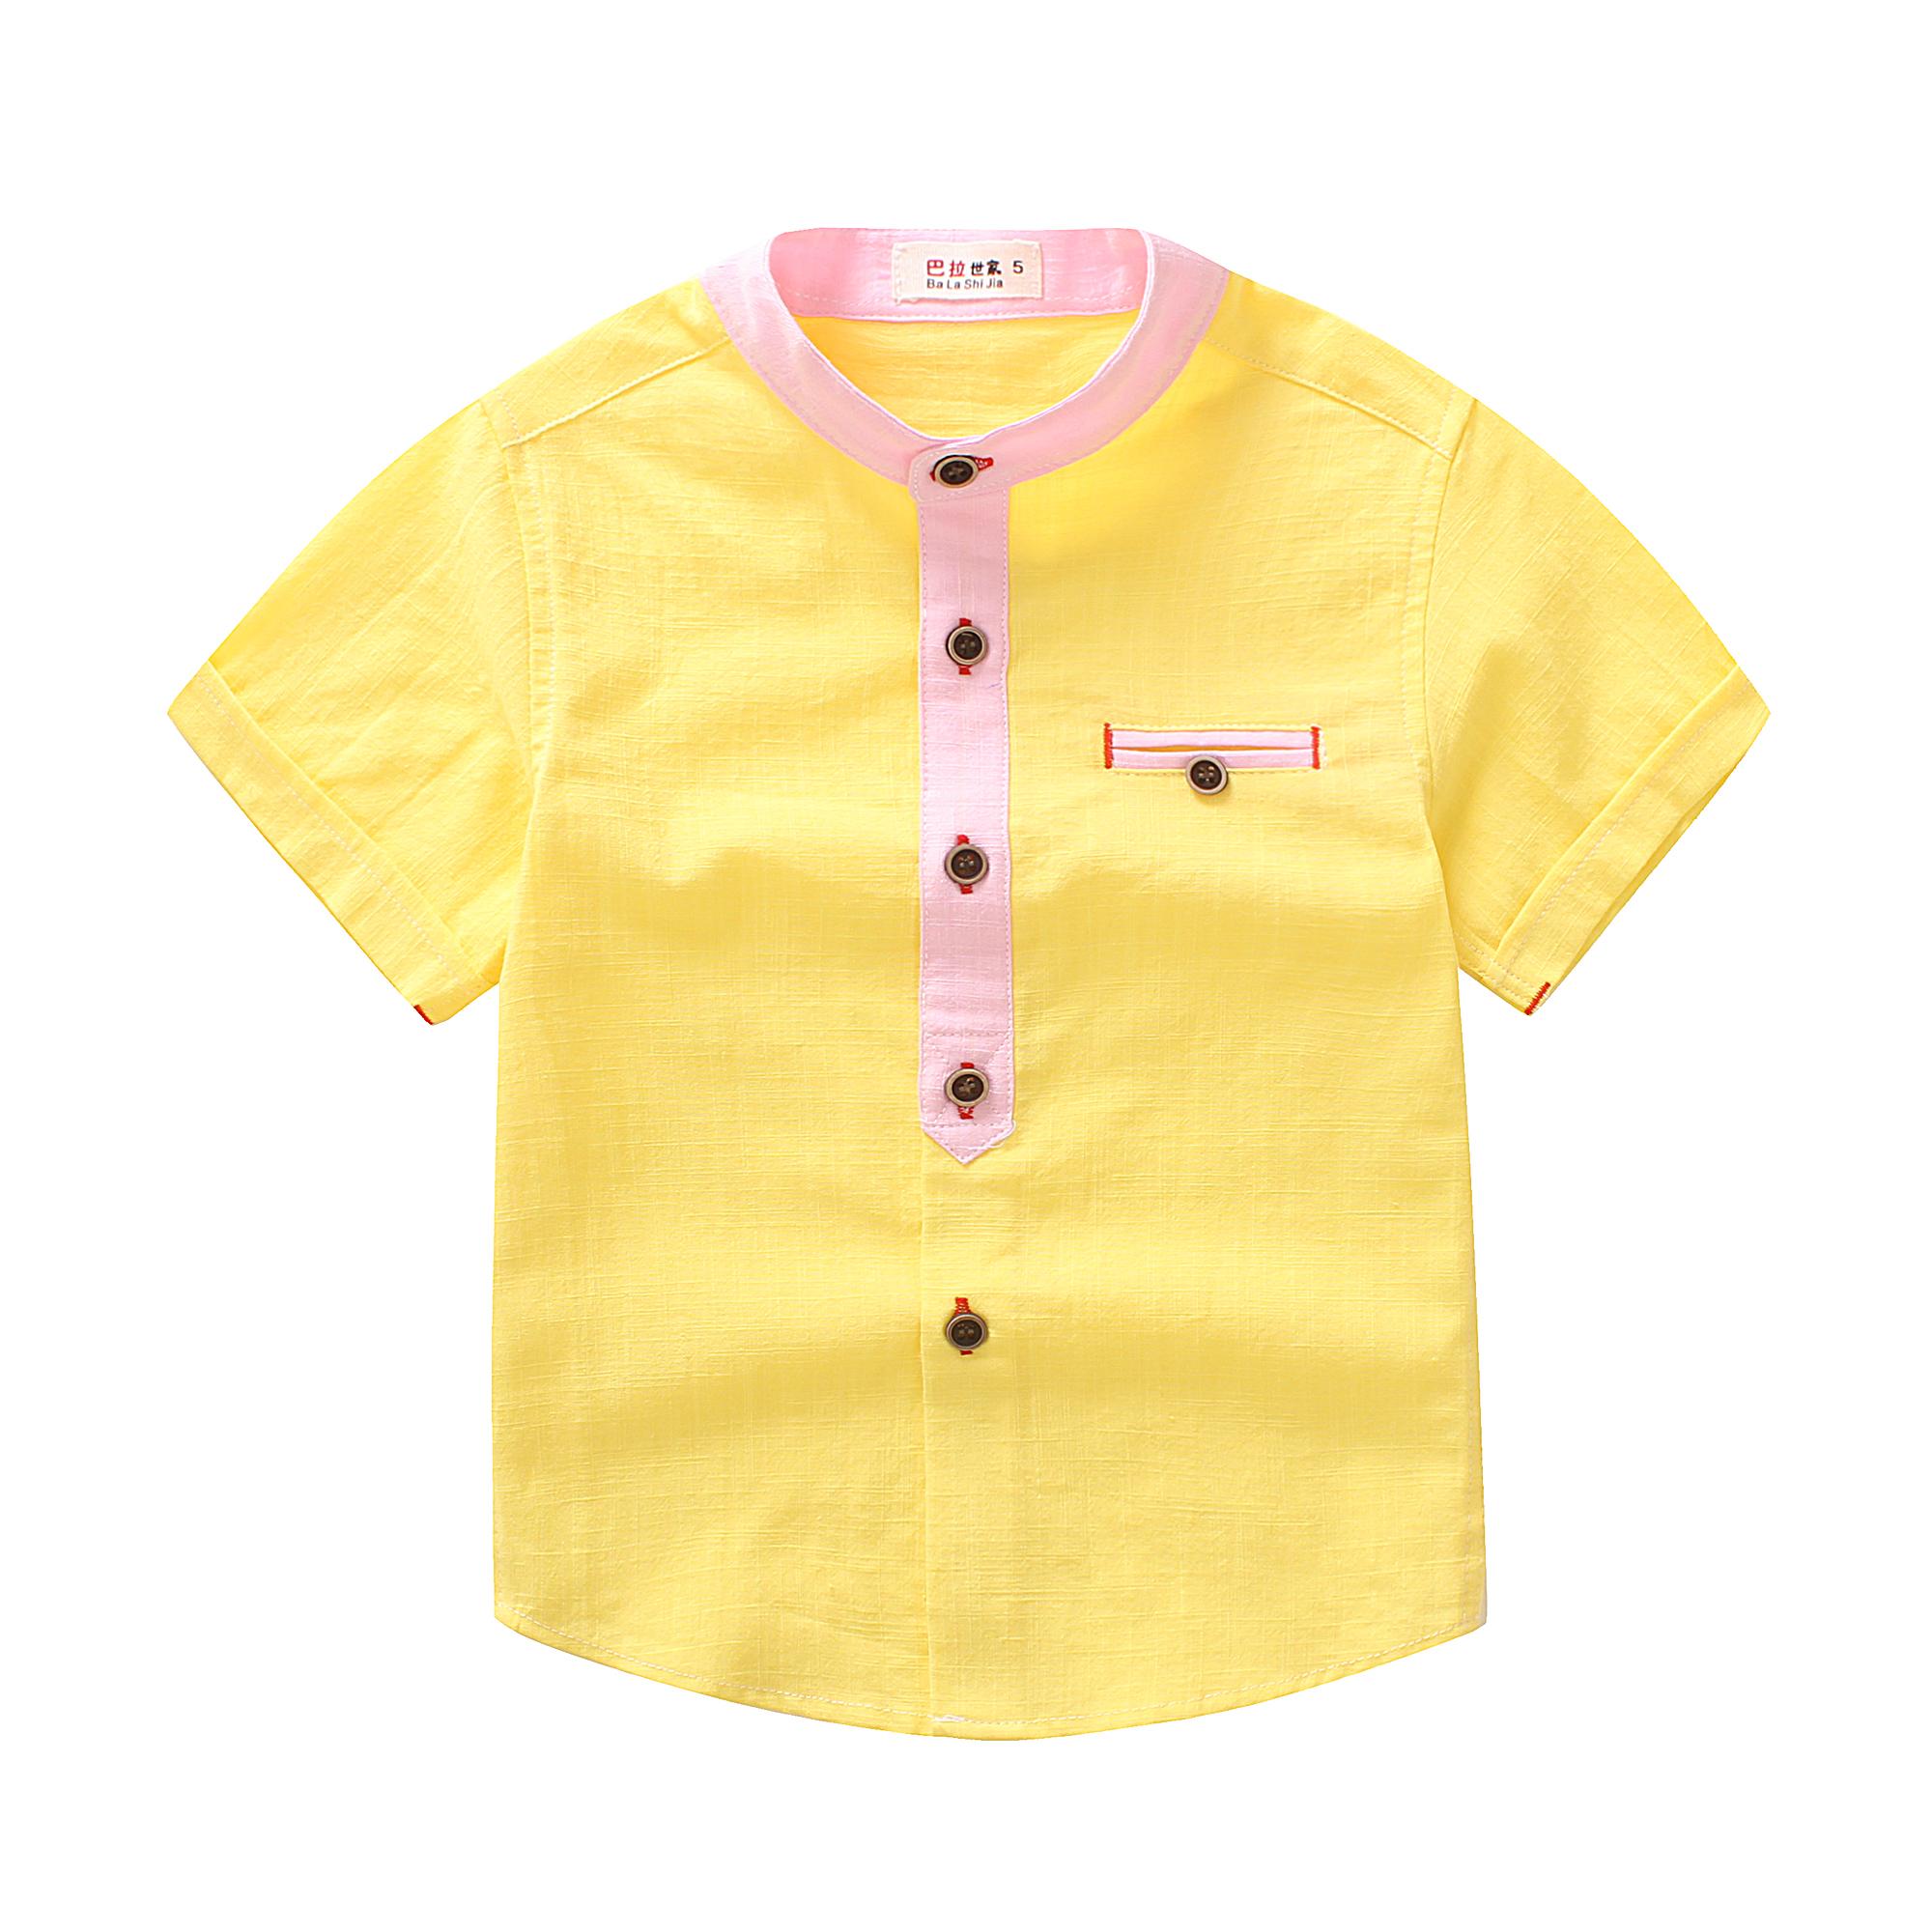 童装衬衫儿童衬衫短袖2017夏季新款男宝纯棉立领衬衣男宝宝衬衣